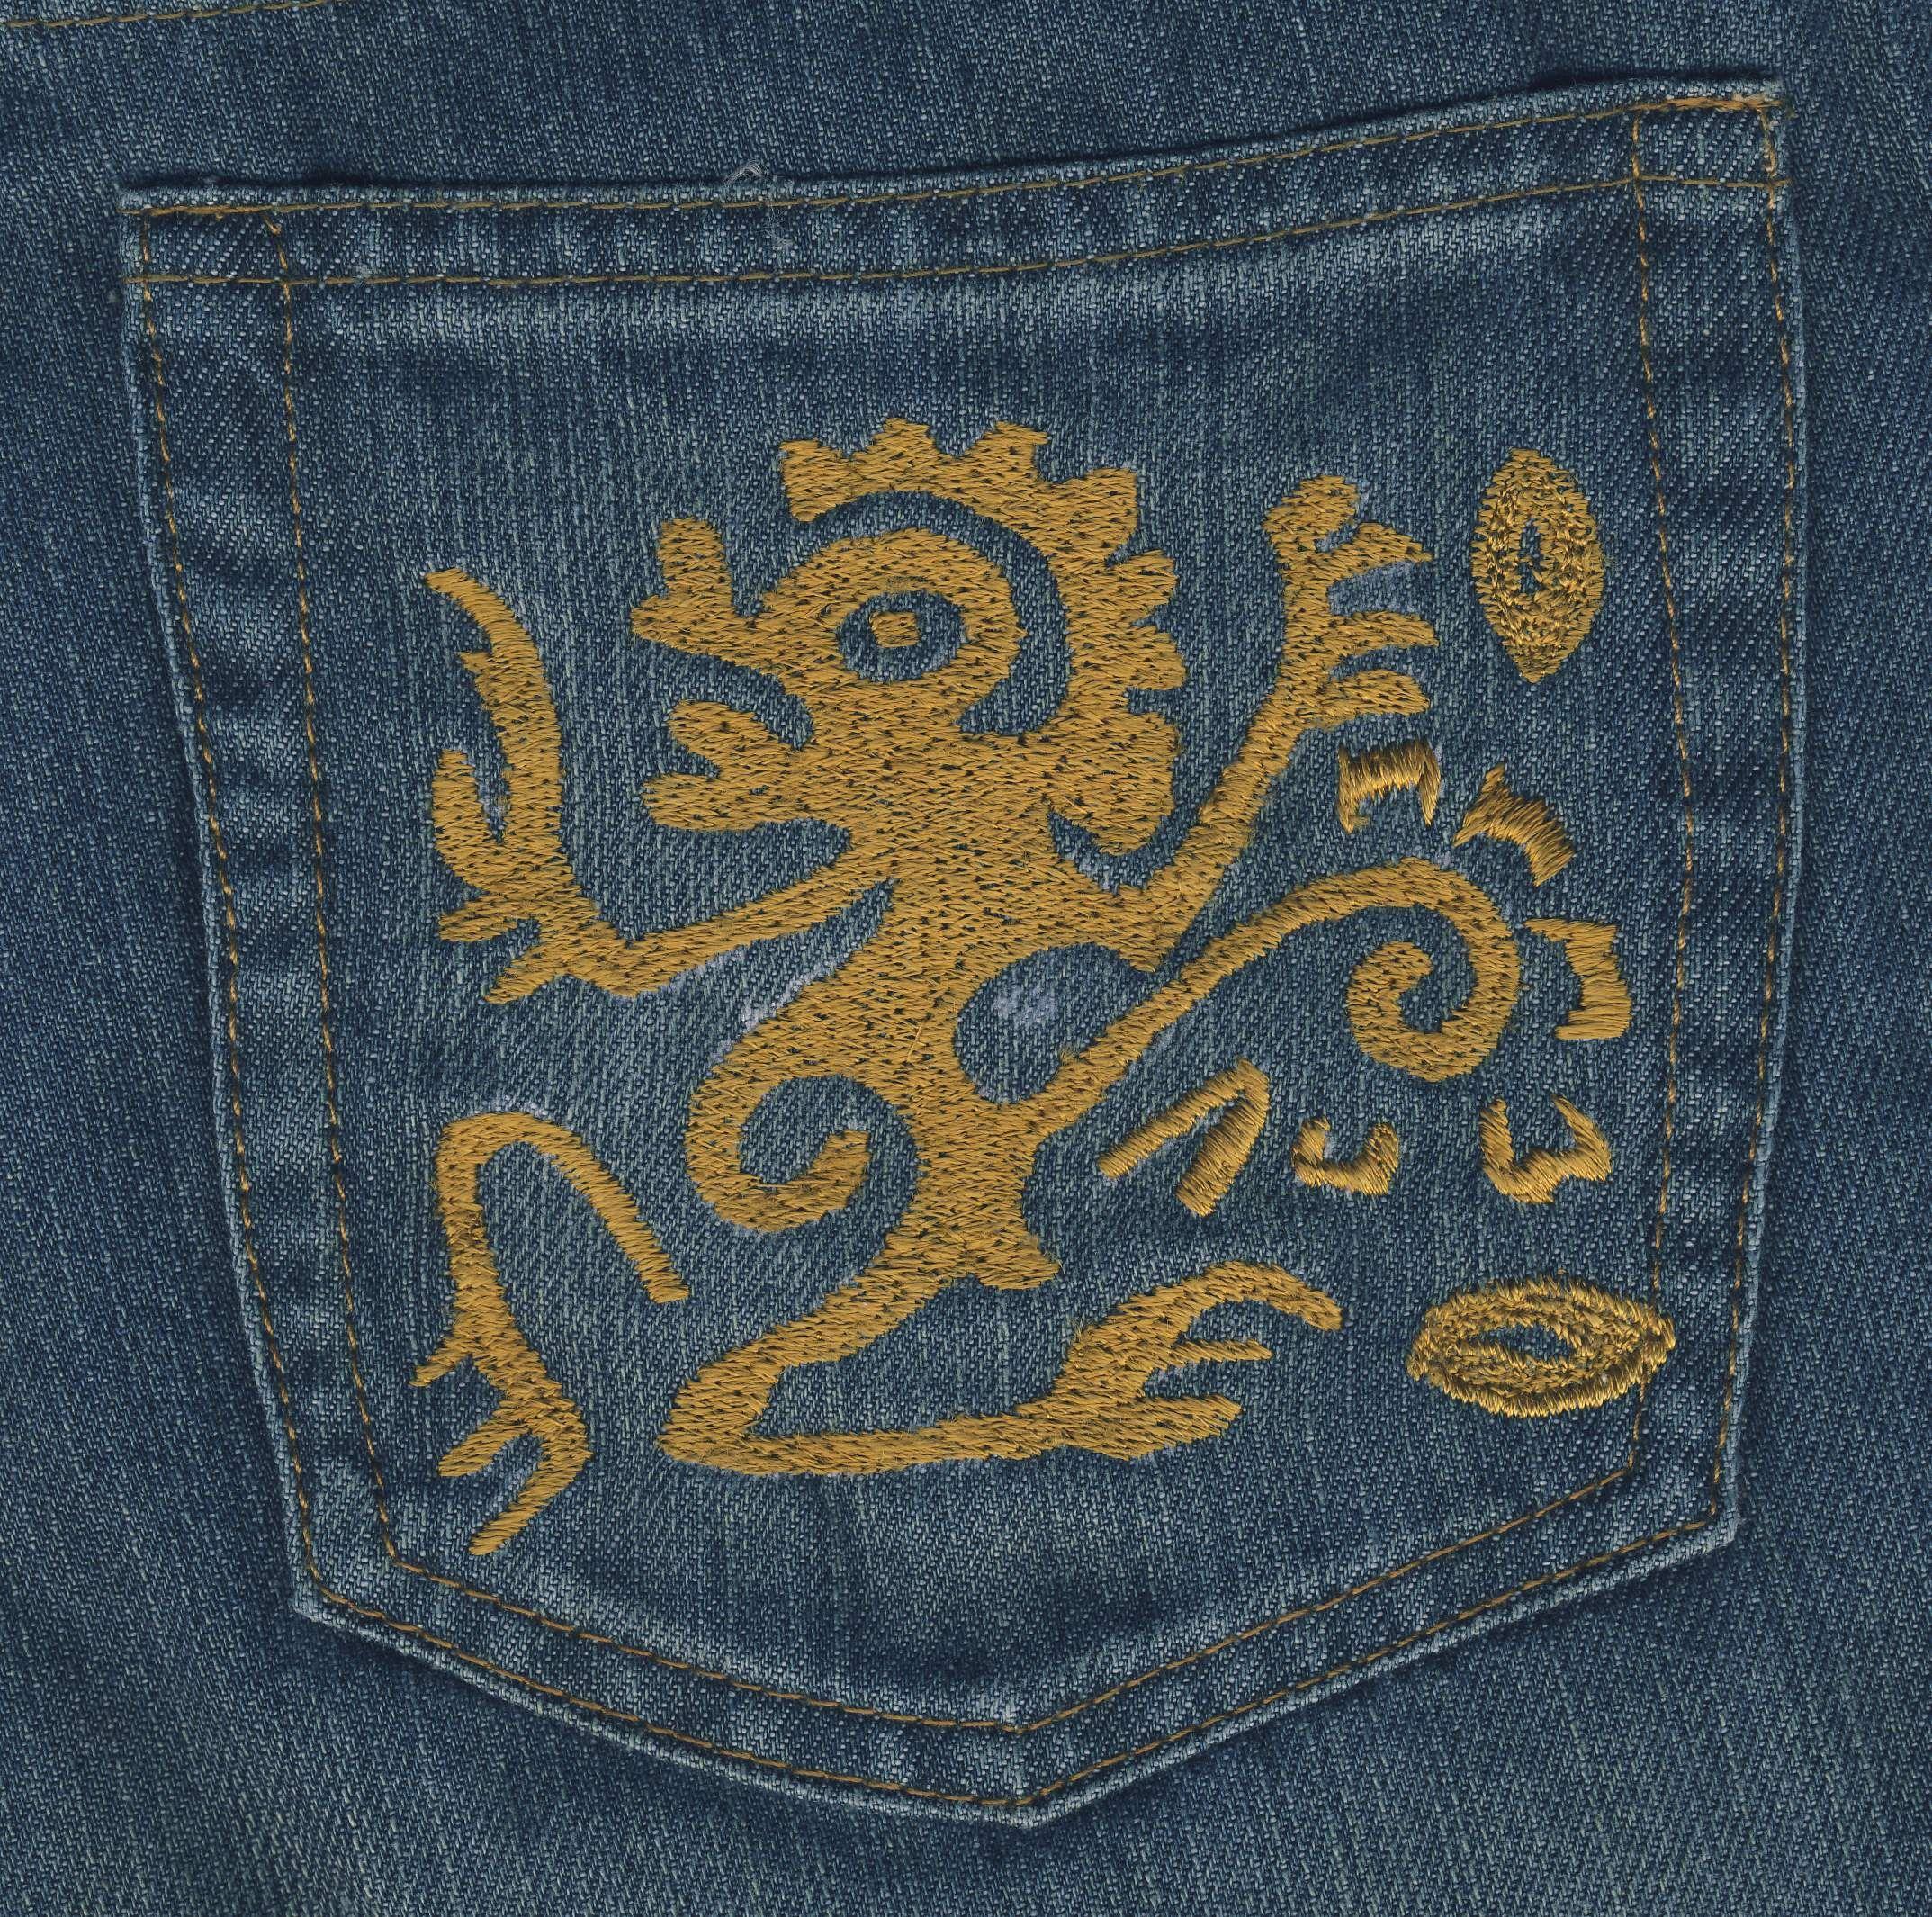 EmbroideryTatooh13140.JPG (2147×2130)